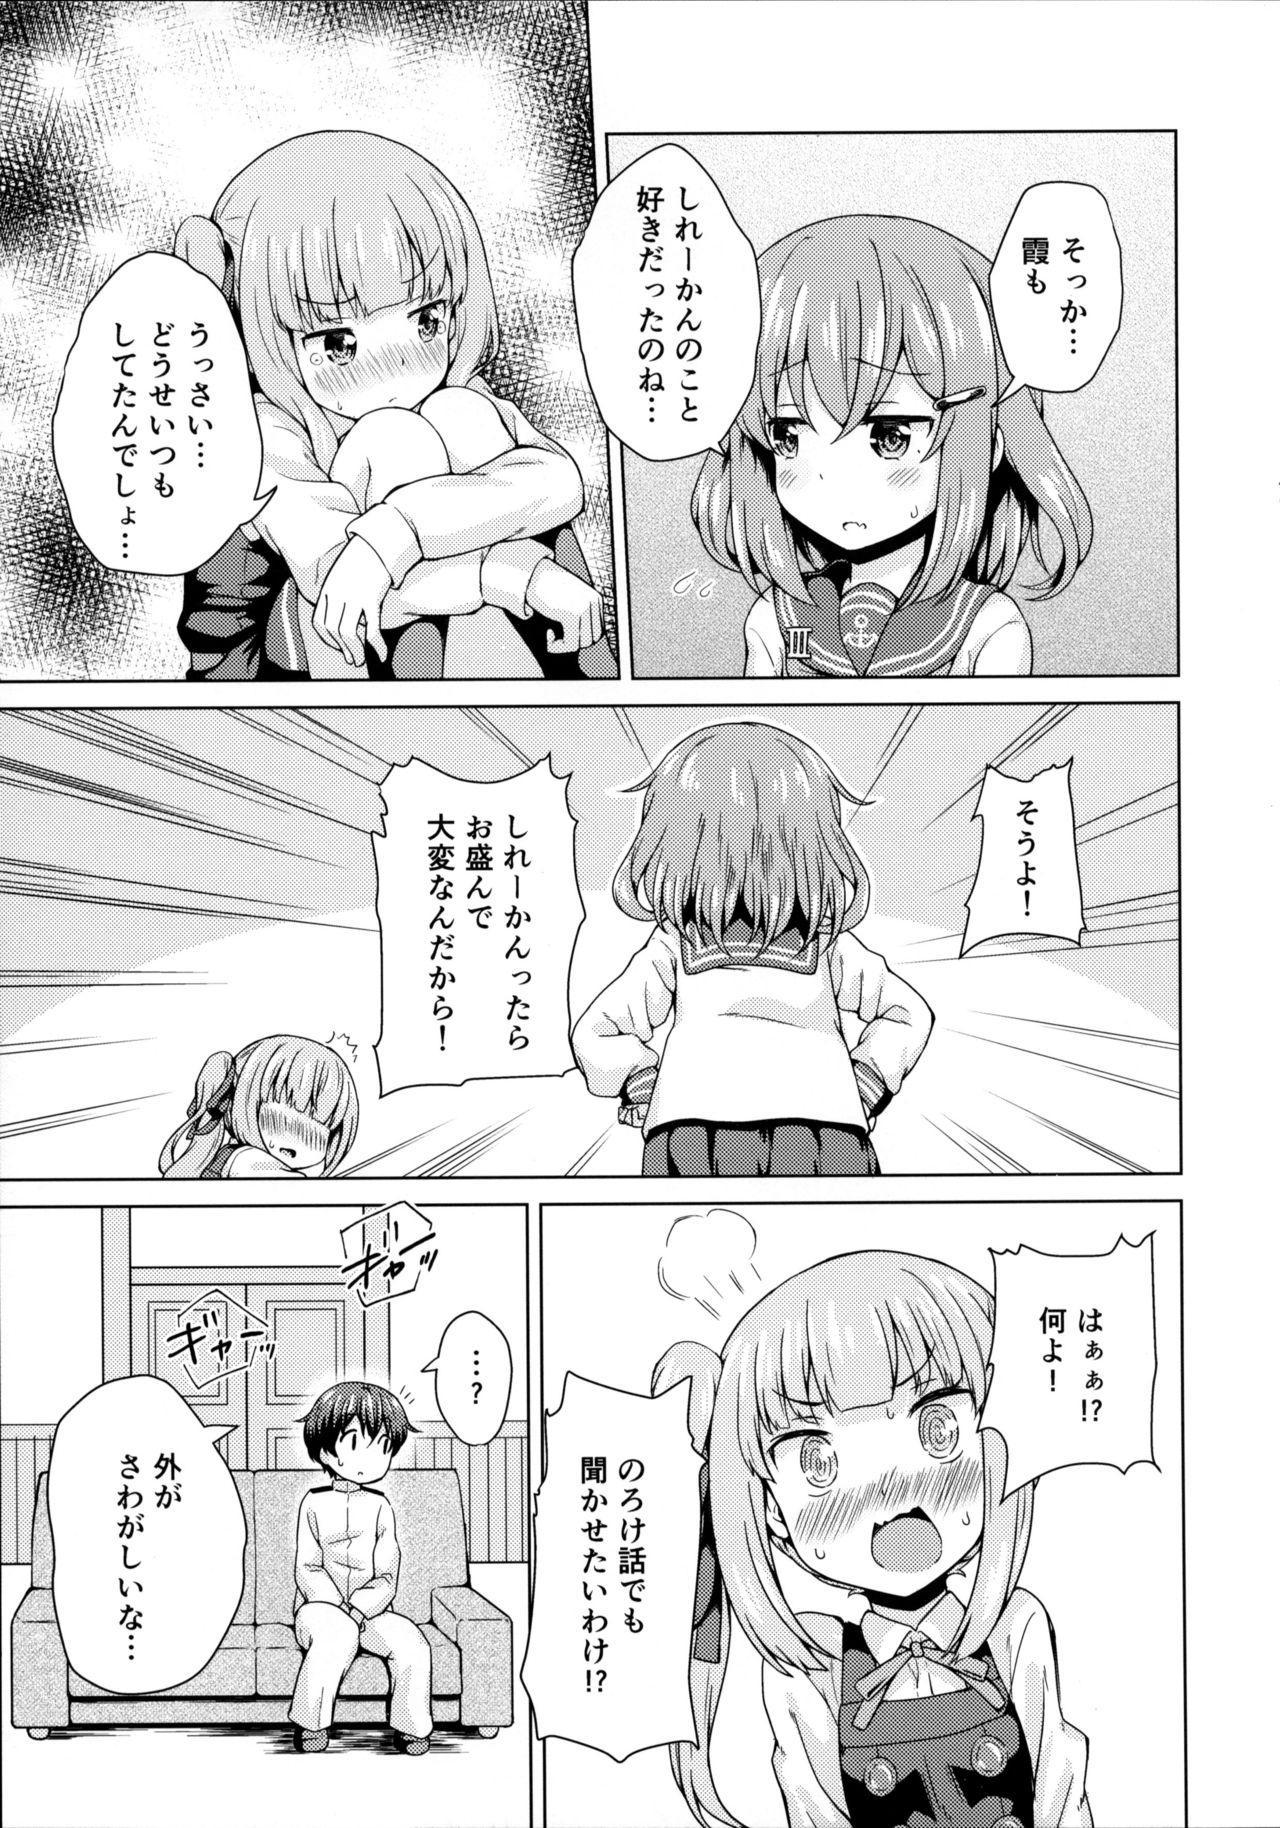 Ikazuchi x Kasumi x Shota Teitoku no 3P Ecchi Hon 7